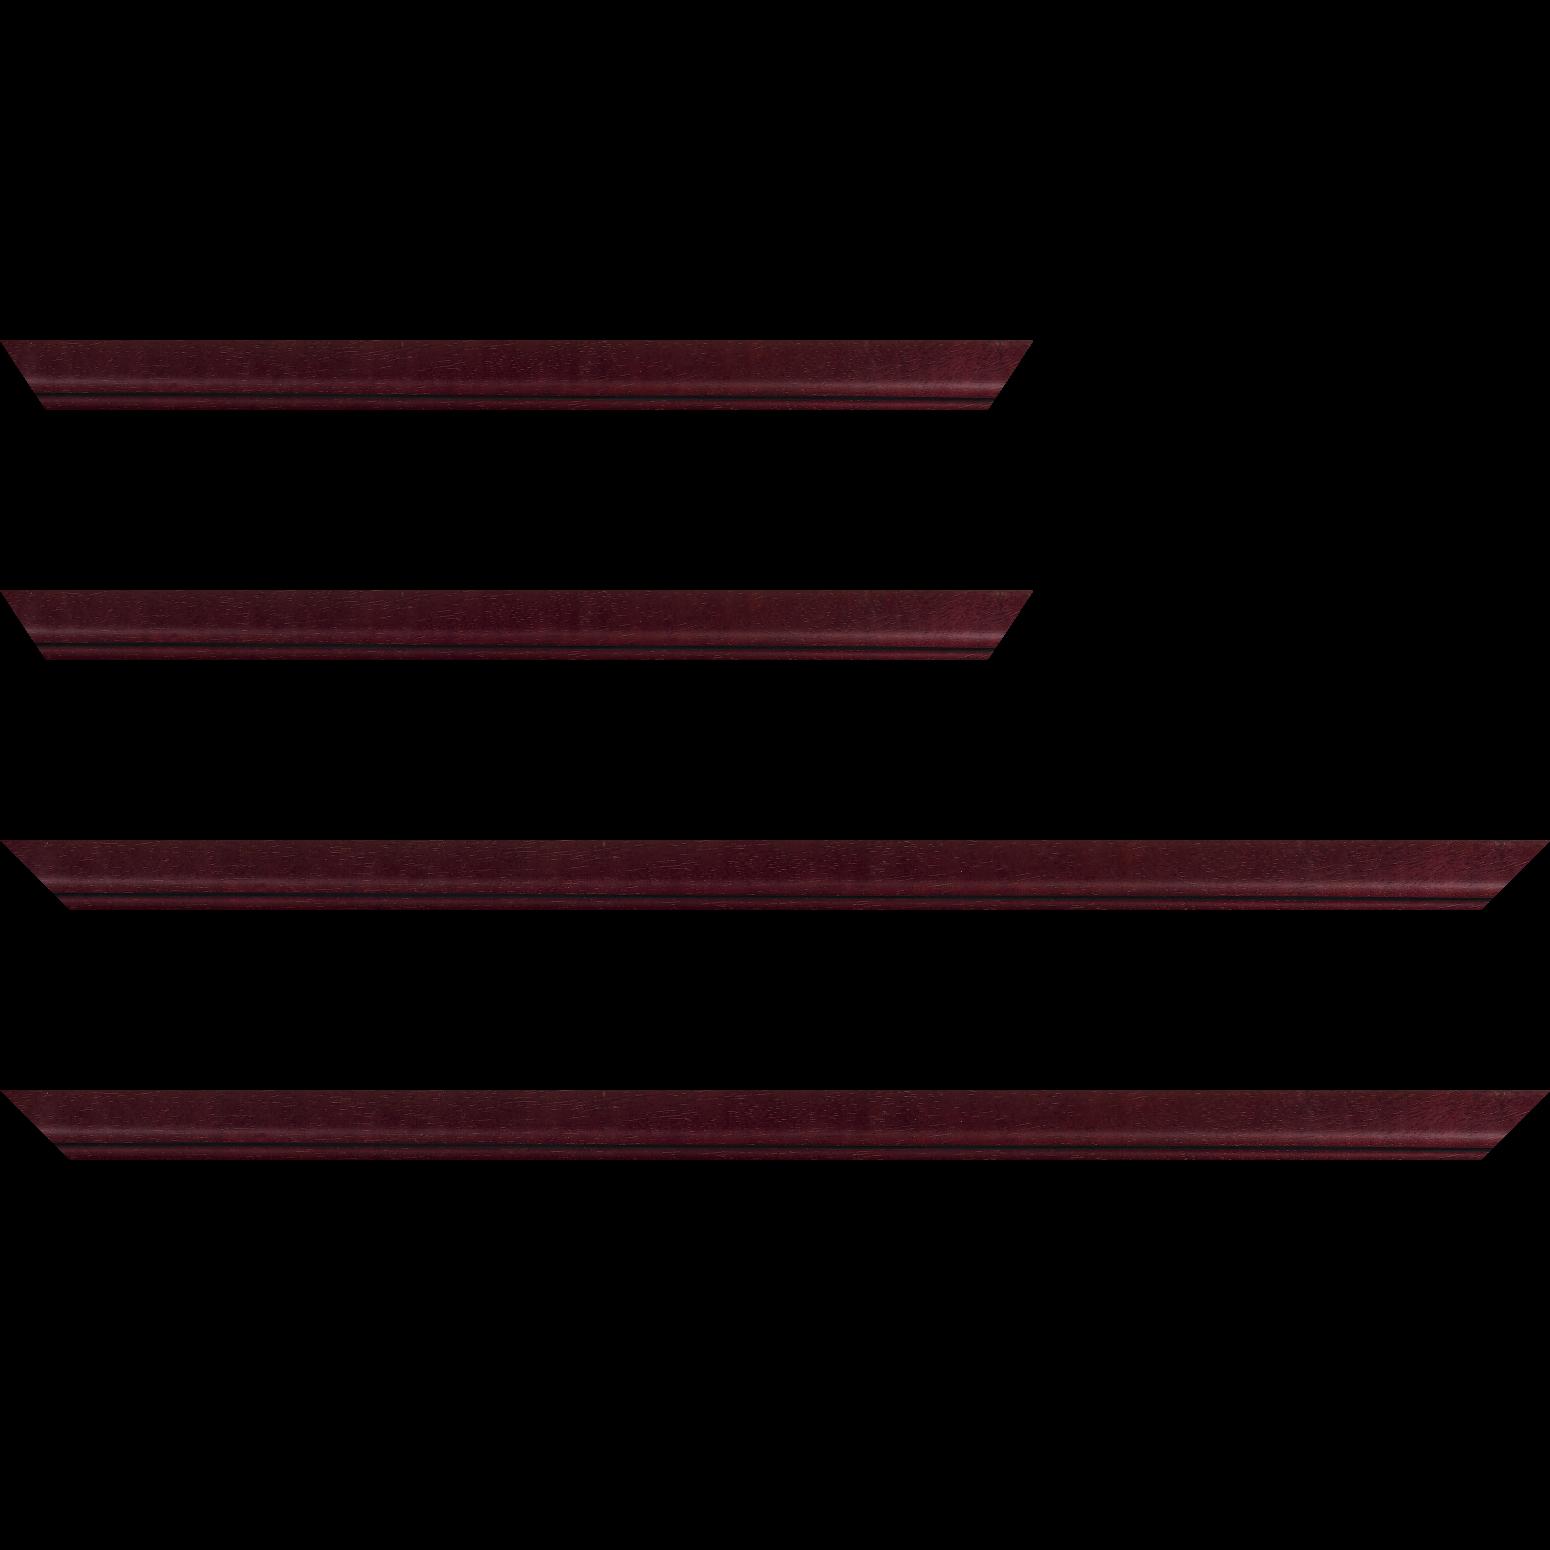 Baguette service précoupé bois profil bombé largeur 2.4cm couleur bordeaux lie de vin filet noir